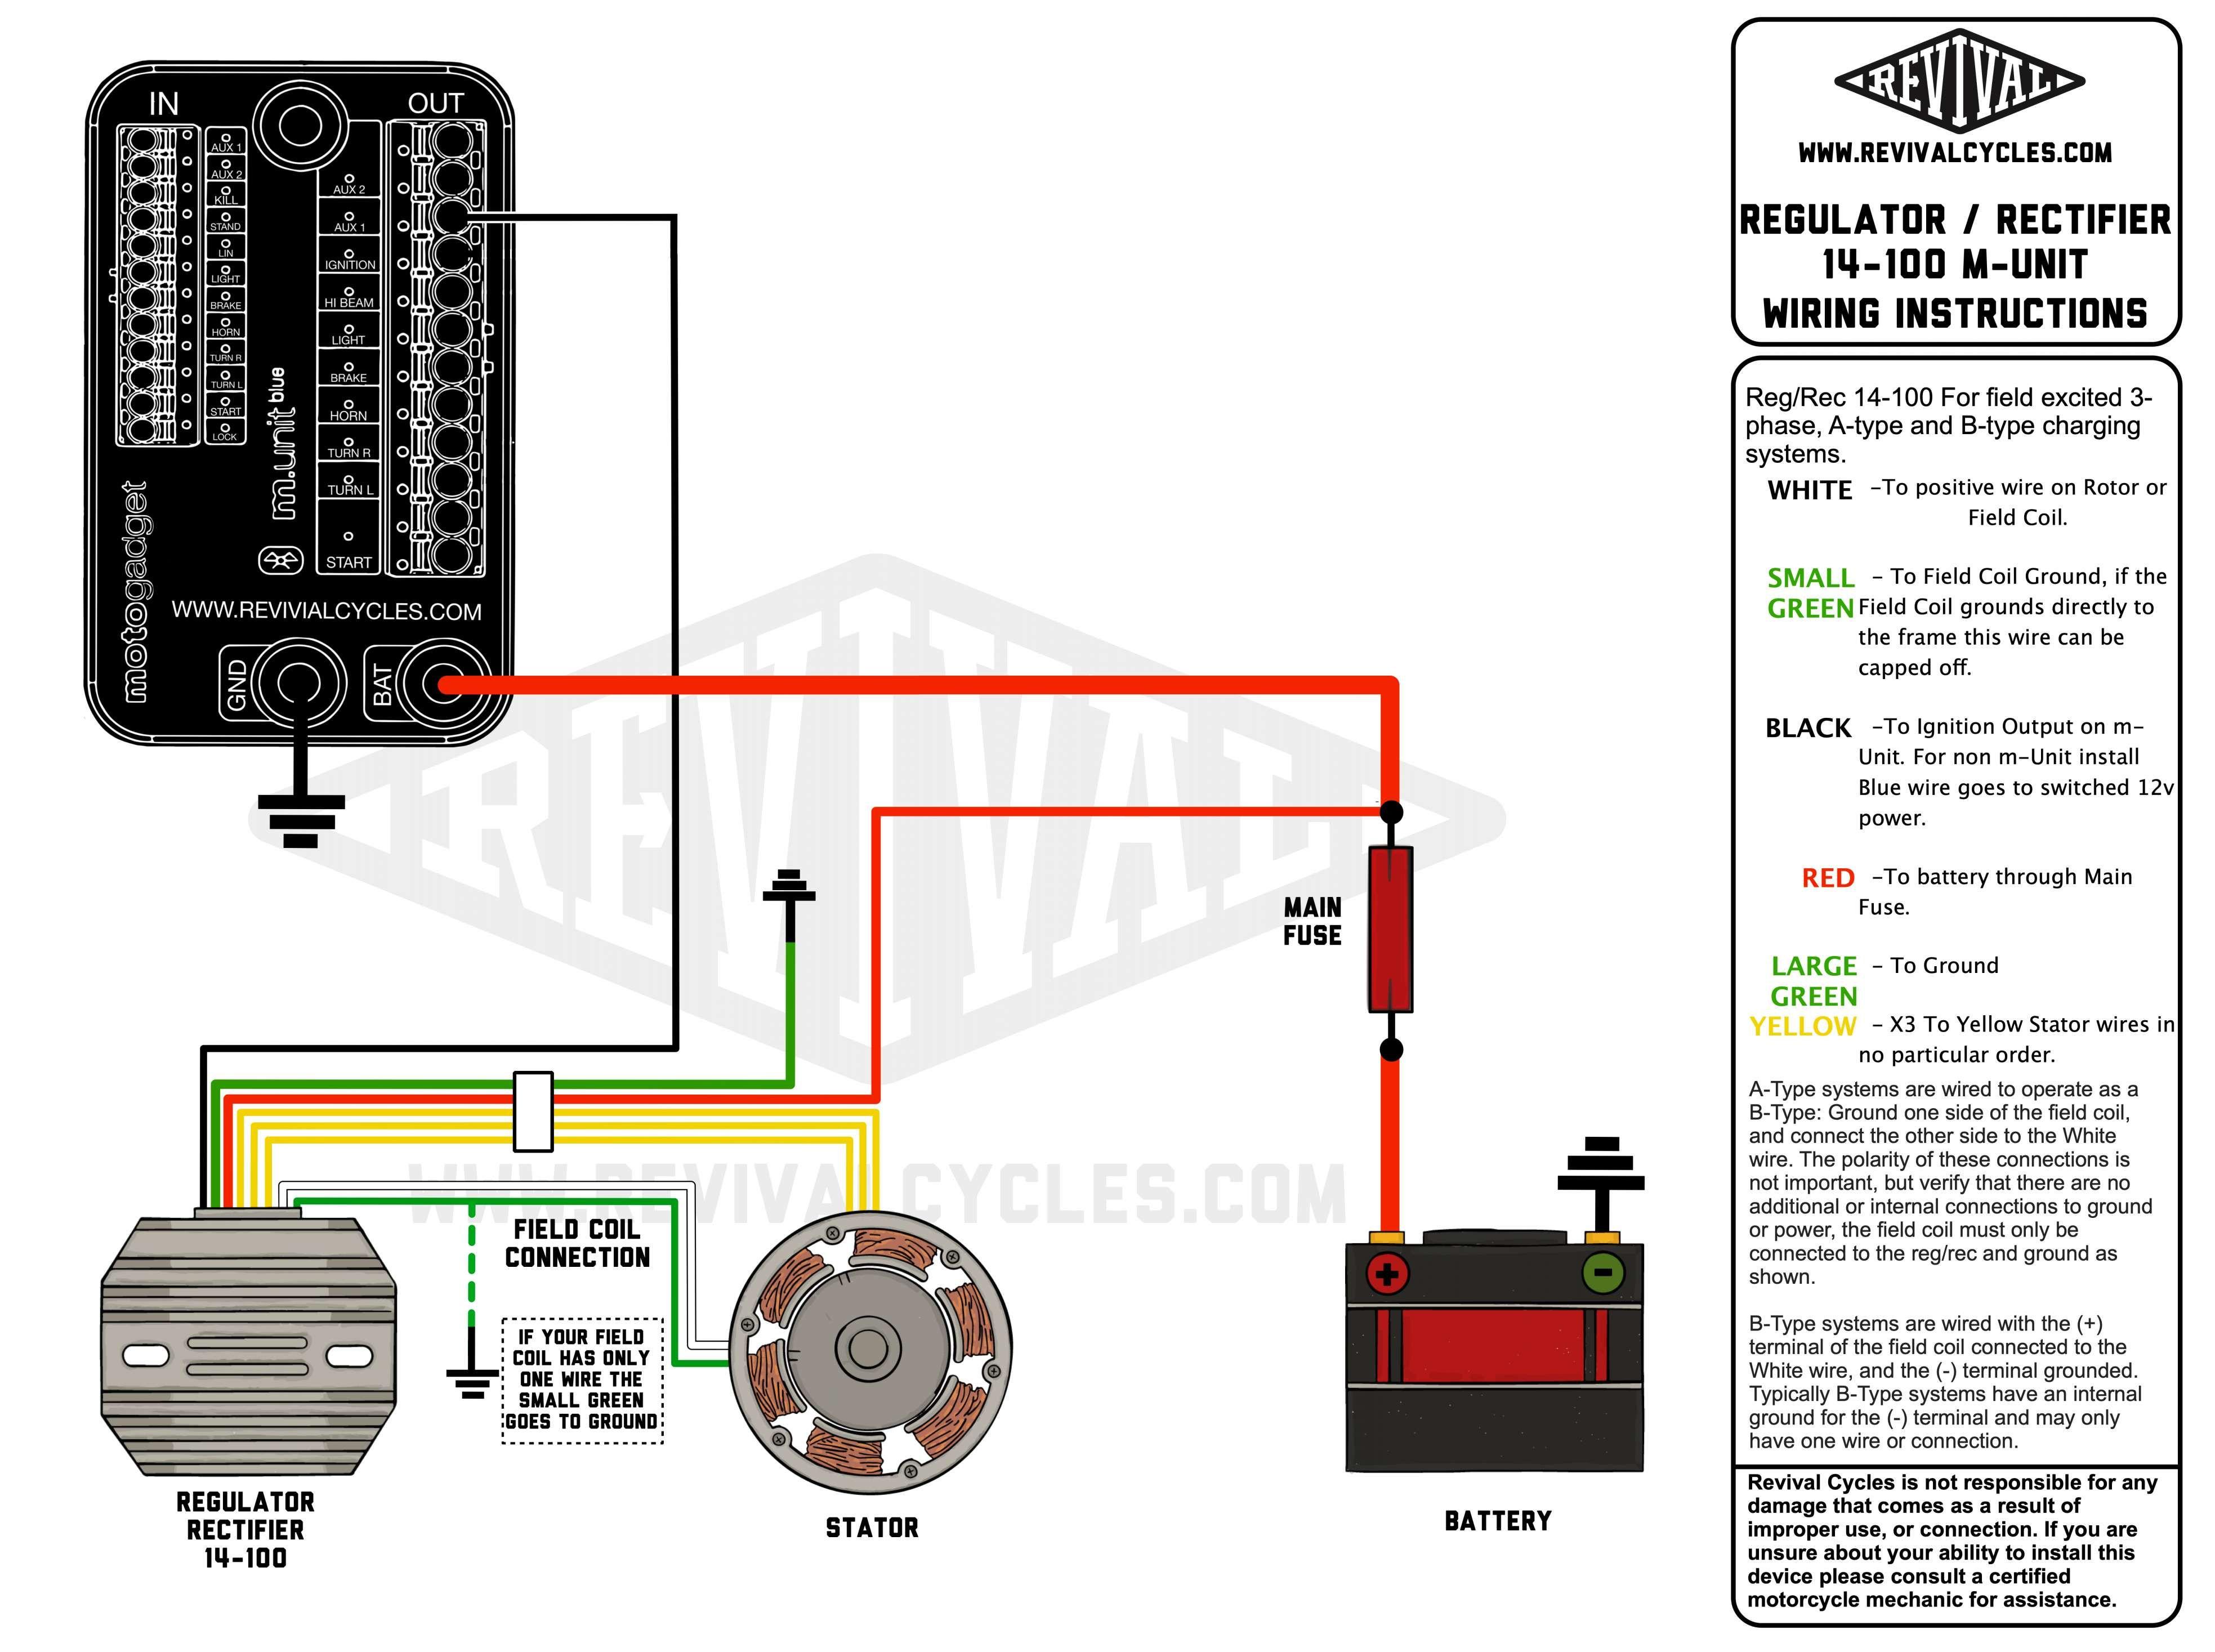 Motorcycle Diagram Wiringg Net In 2020 Motorcycle Model Regulators Motorcycle Wiring